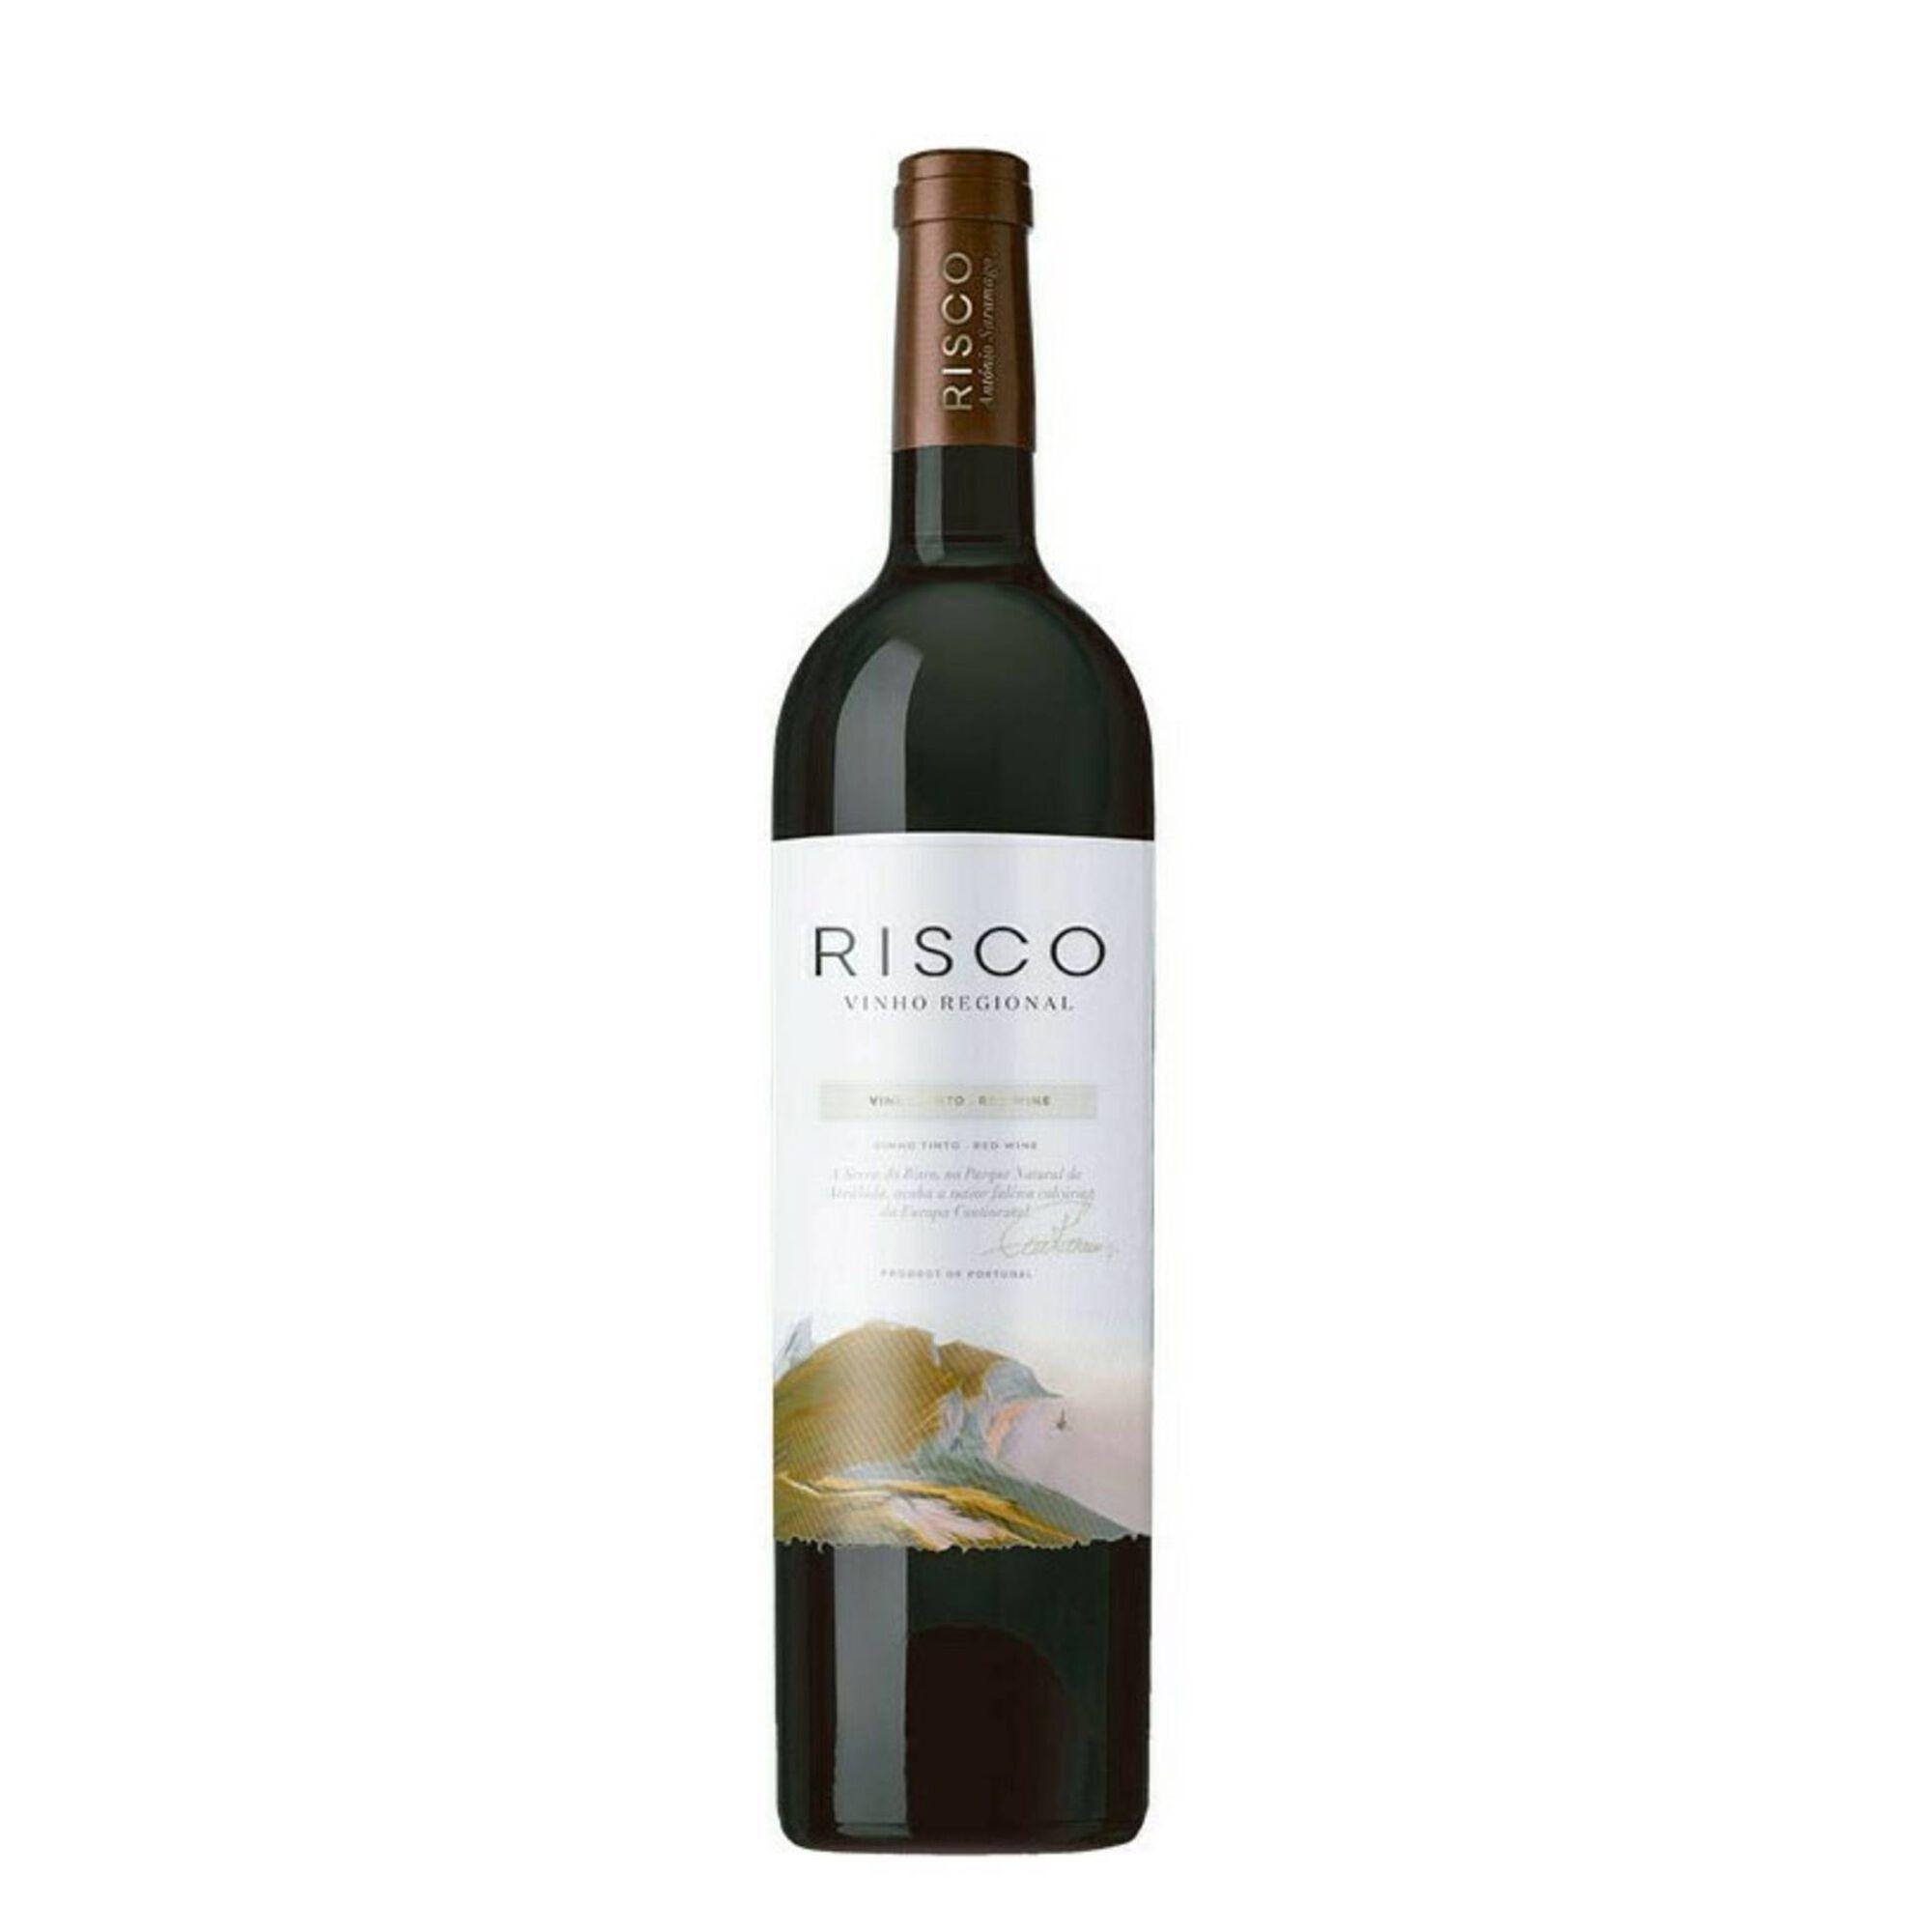 Risco Regional Península de Setúbal Vinho Tinto